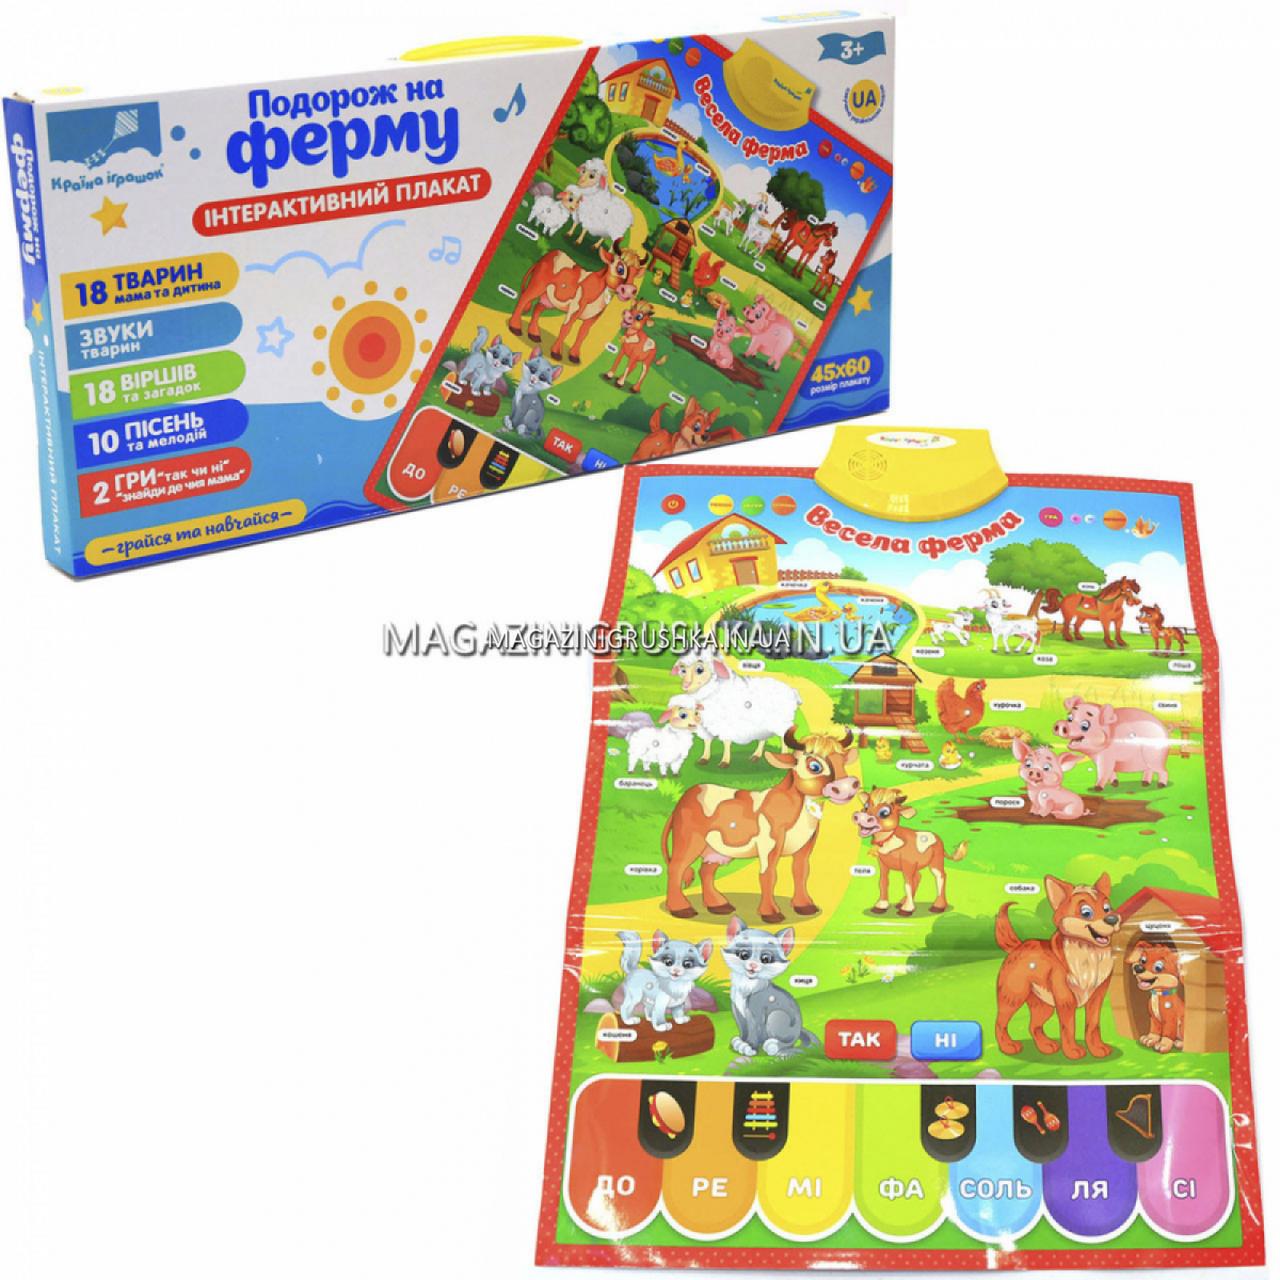 Дитячий навчальний плакат «Країна іграшок» ферма, укр яз, літери, цифри, кольори, 45х60 см, PL-719-25